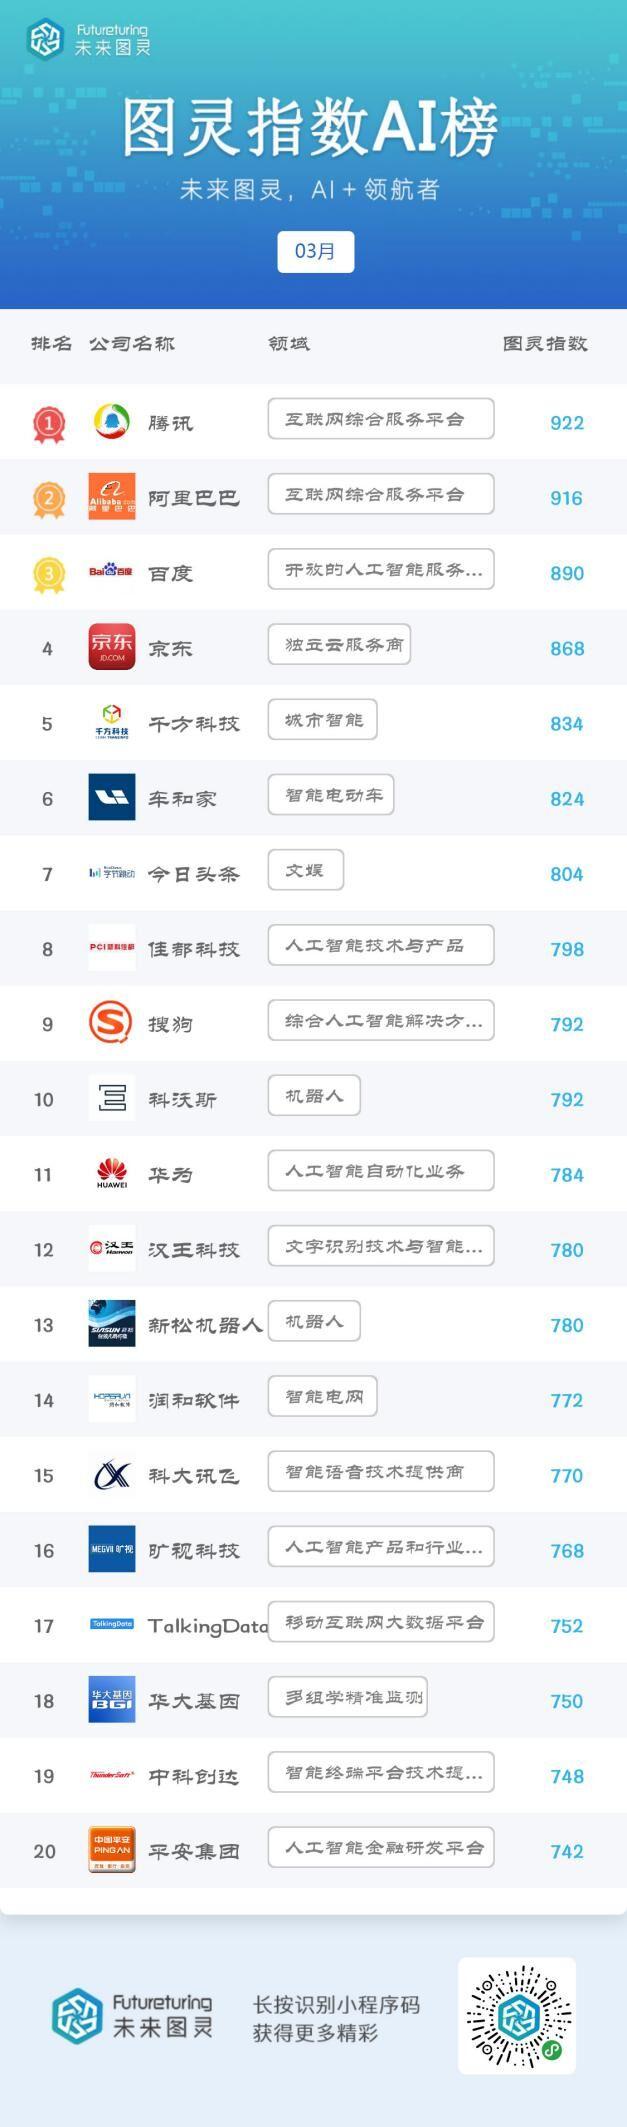 3月份图灵指数AI明星企业榜单发布